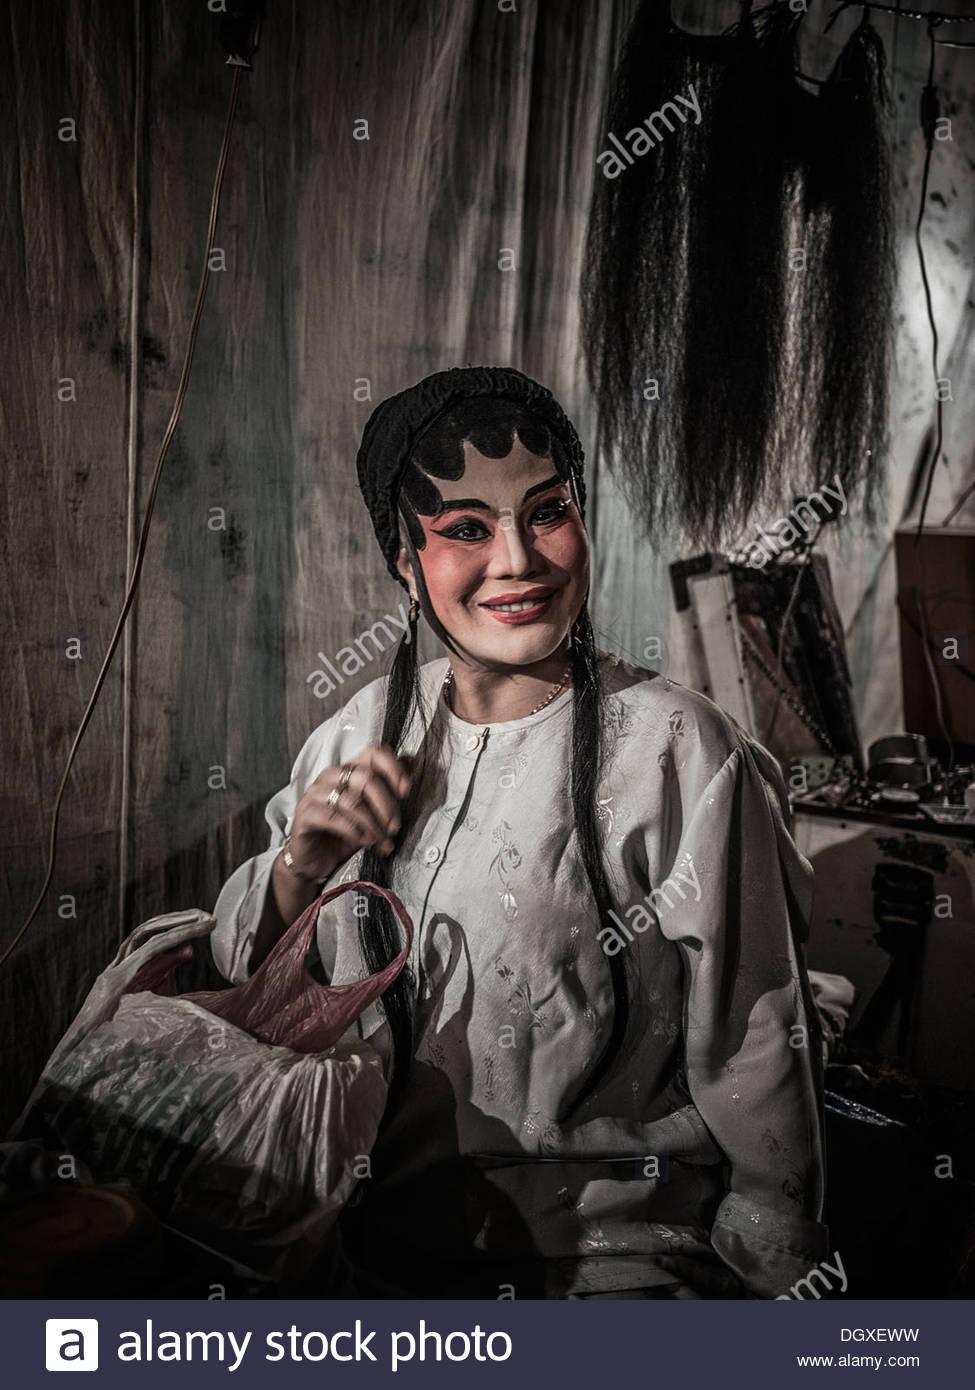 Actor de la ópera china en pleno maquillaje y atuendo backstage antes de una actuación. Tailandia S. E. AsiaFoto de stock